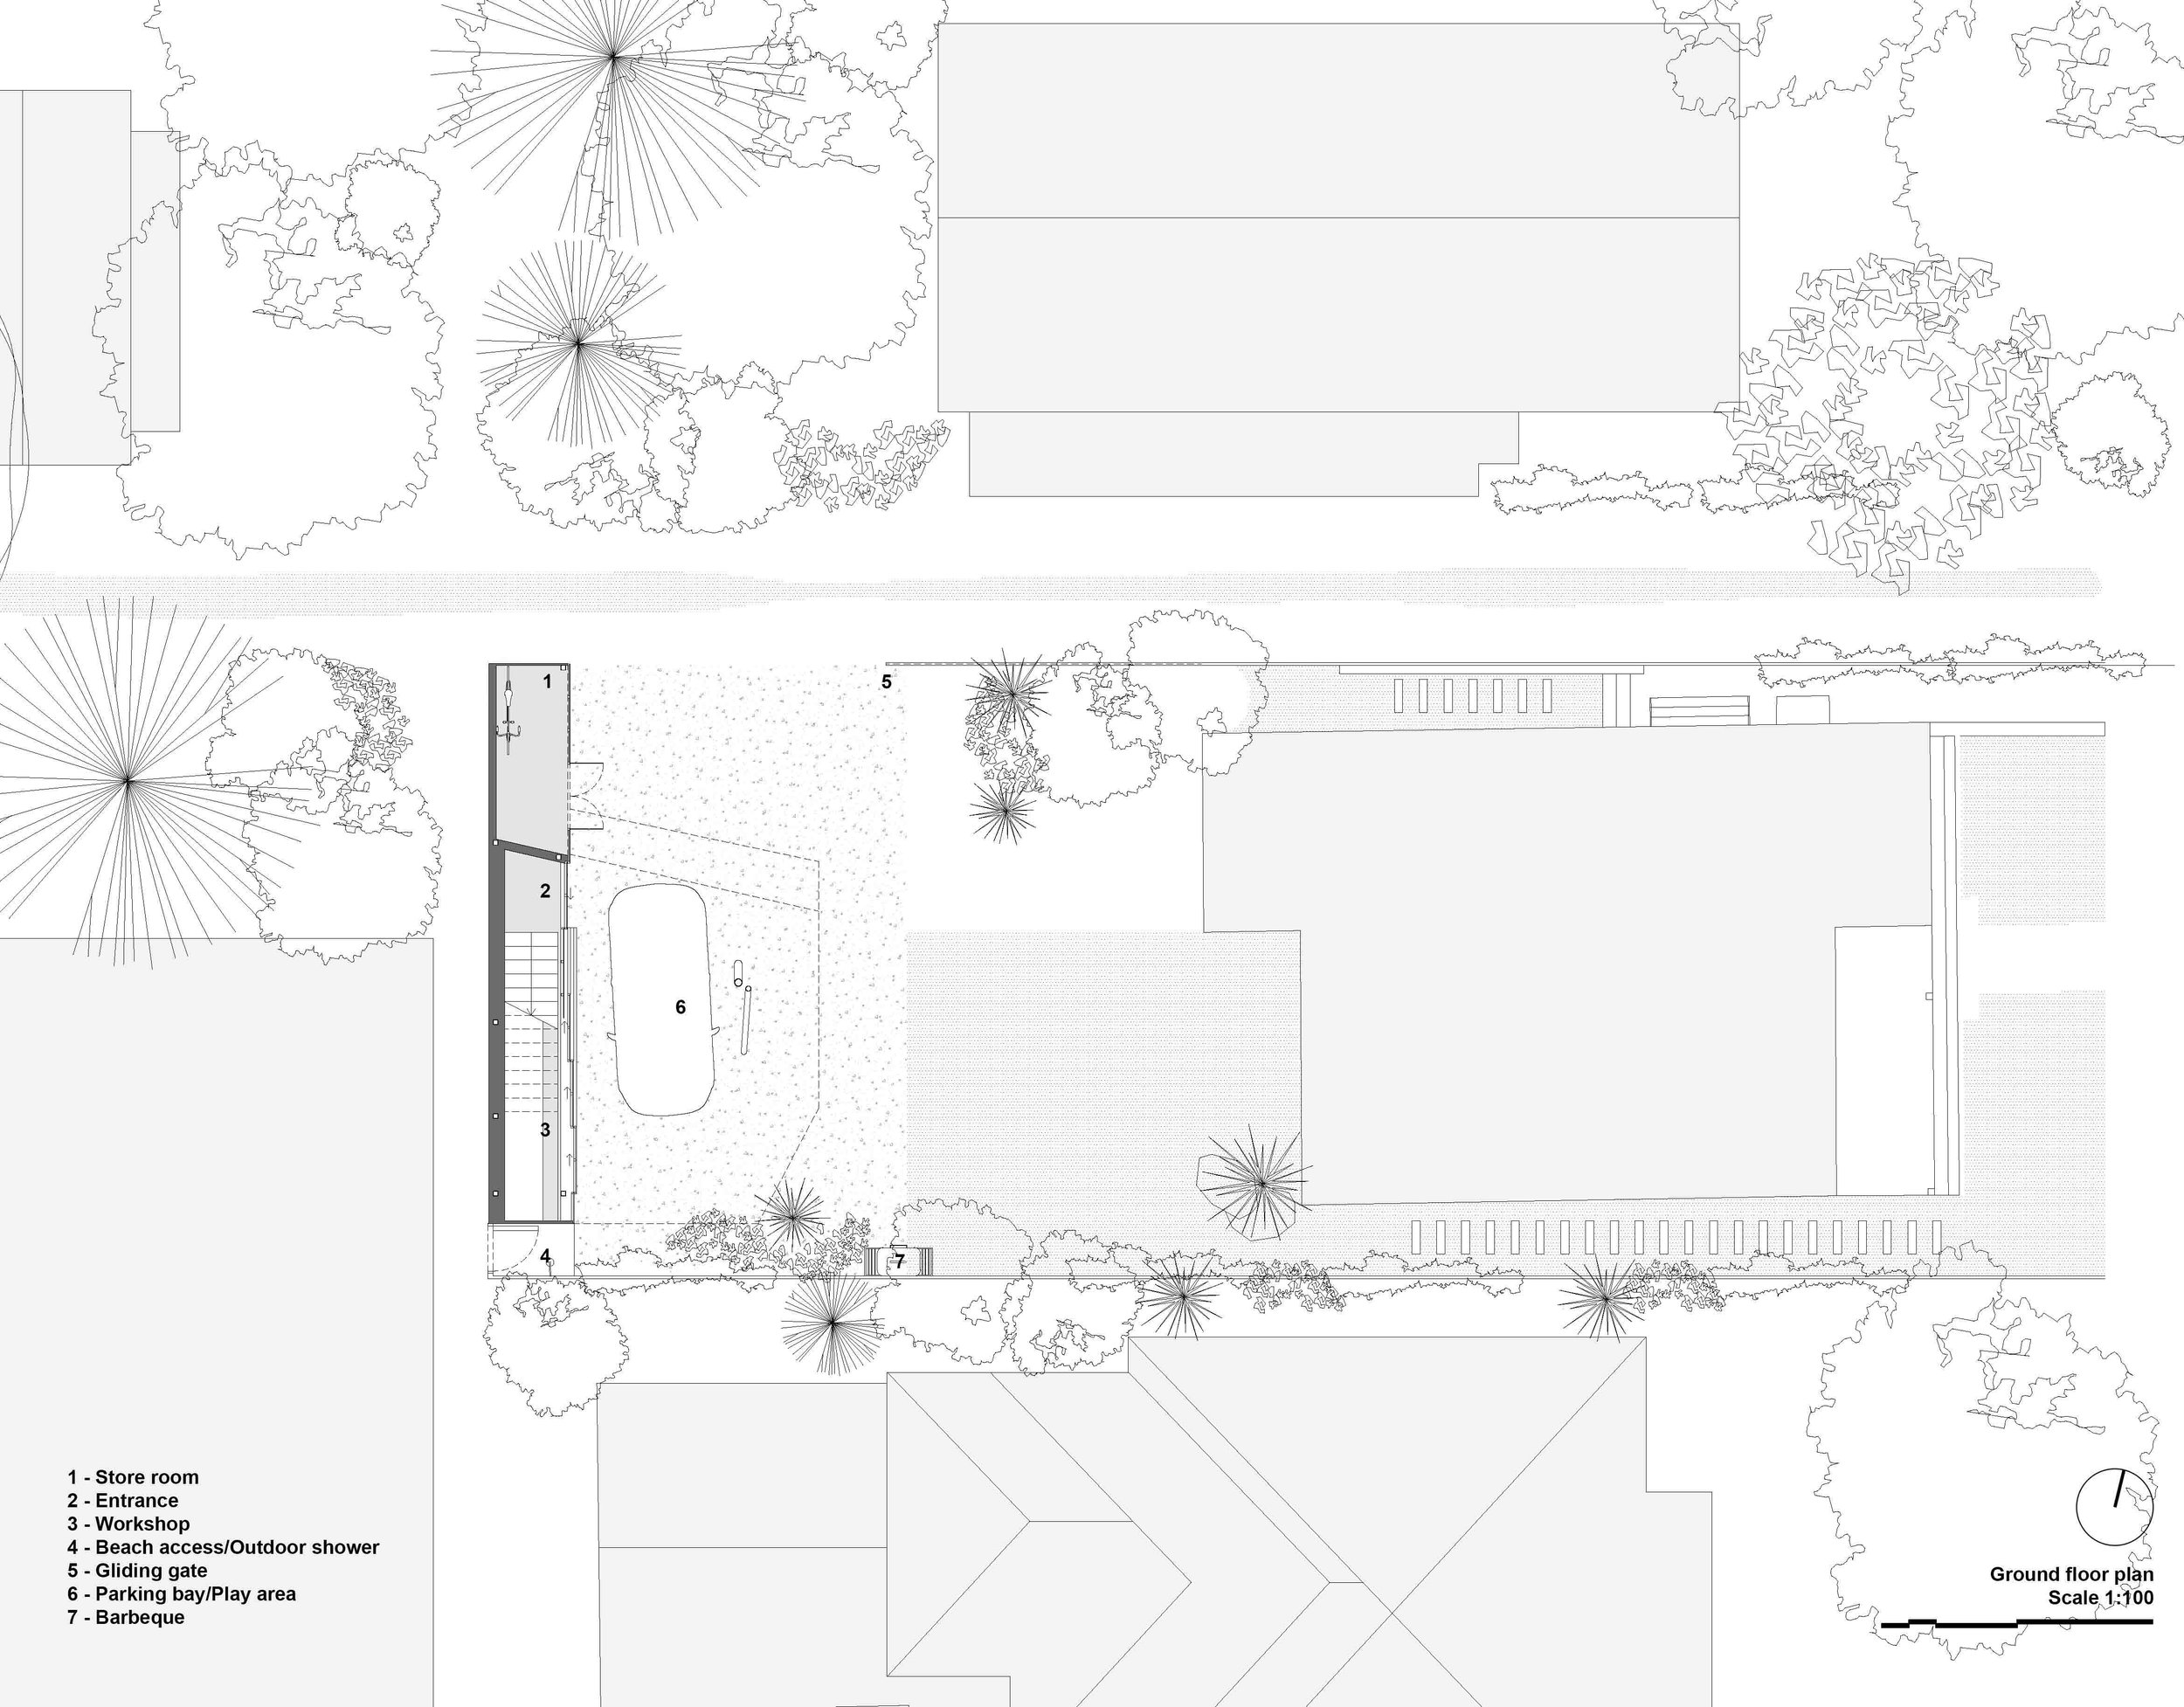 Beach Office - Ground Floor - Braham Architects.jpg